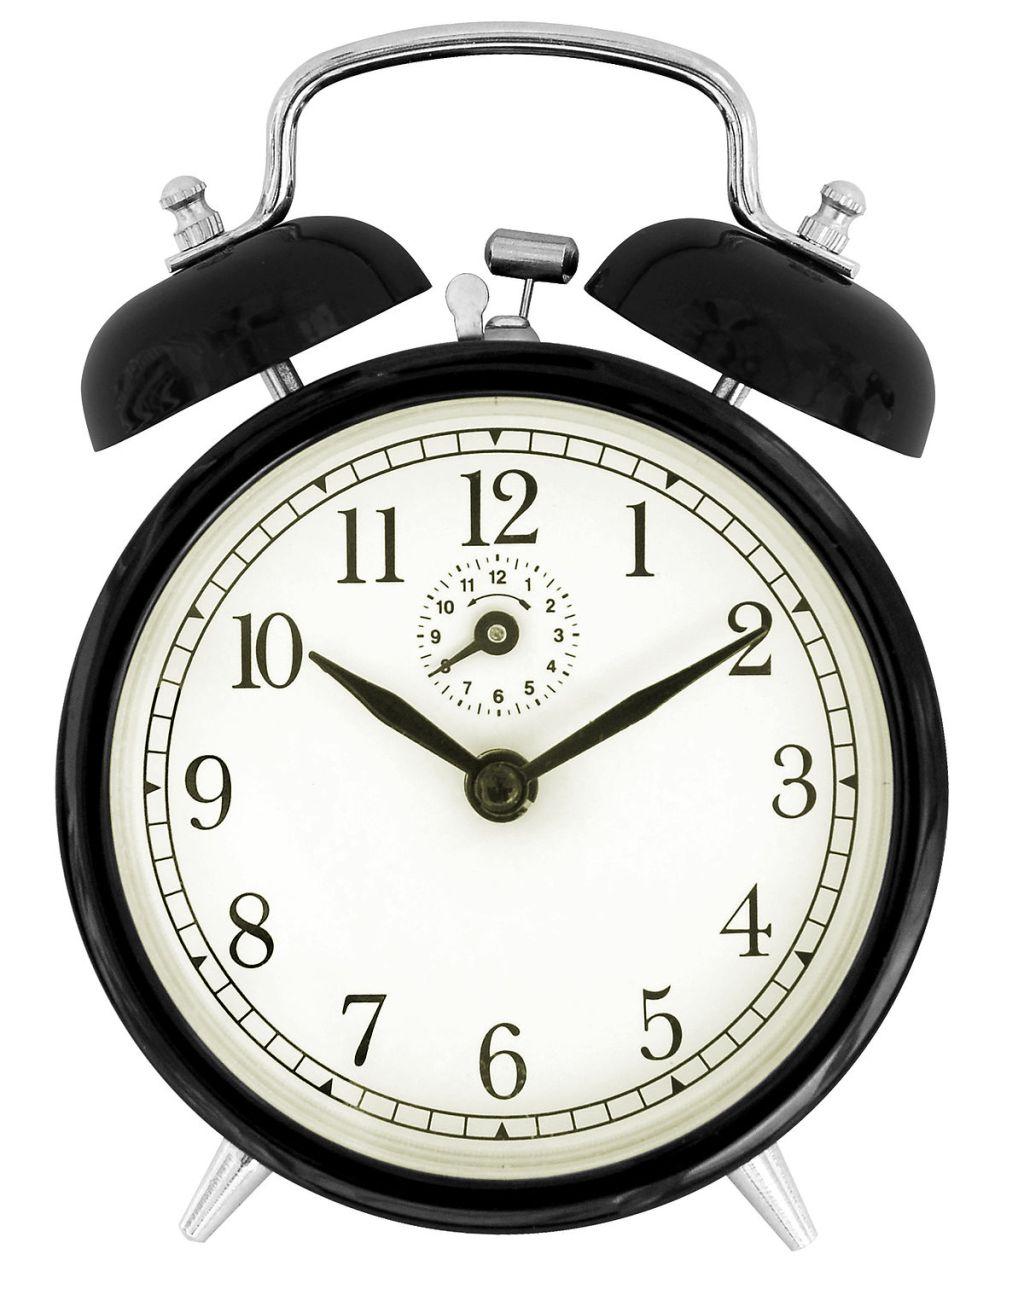 https://en.wikipedia.org/wiki/Alarm_clock